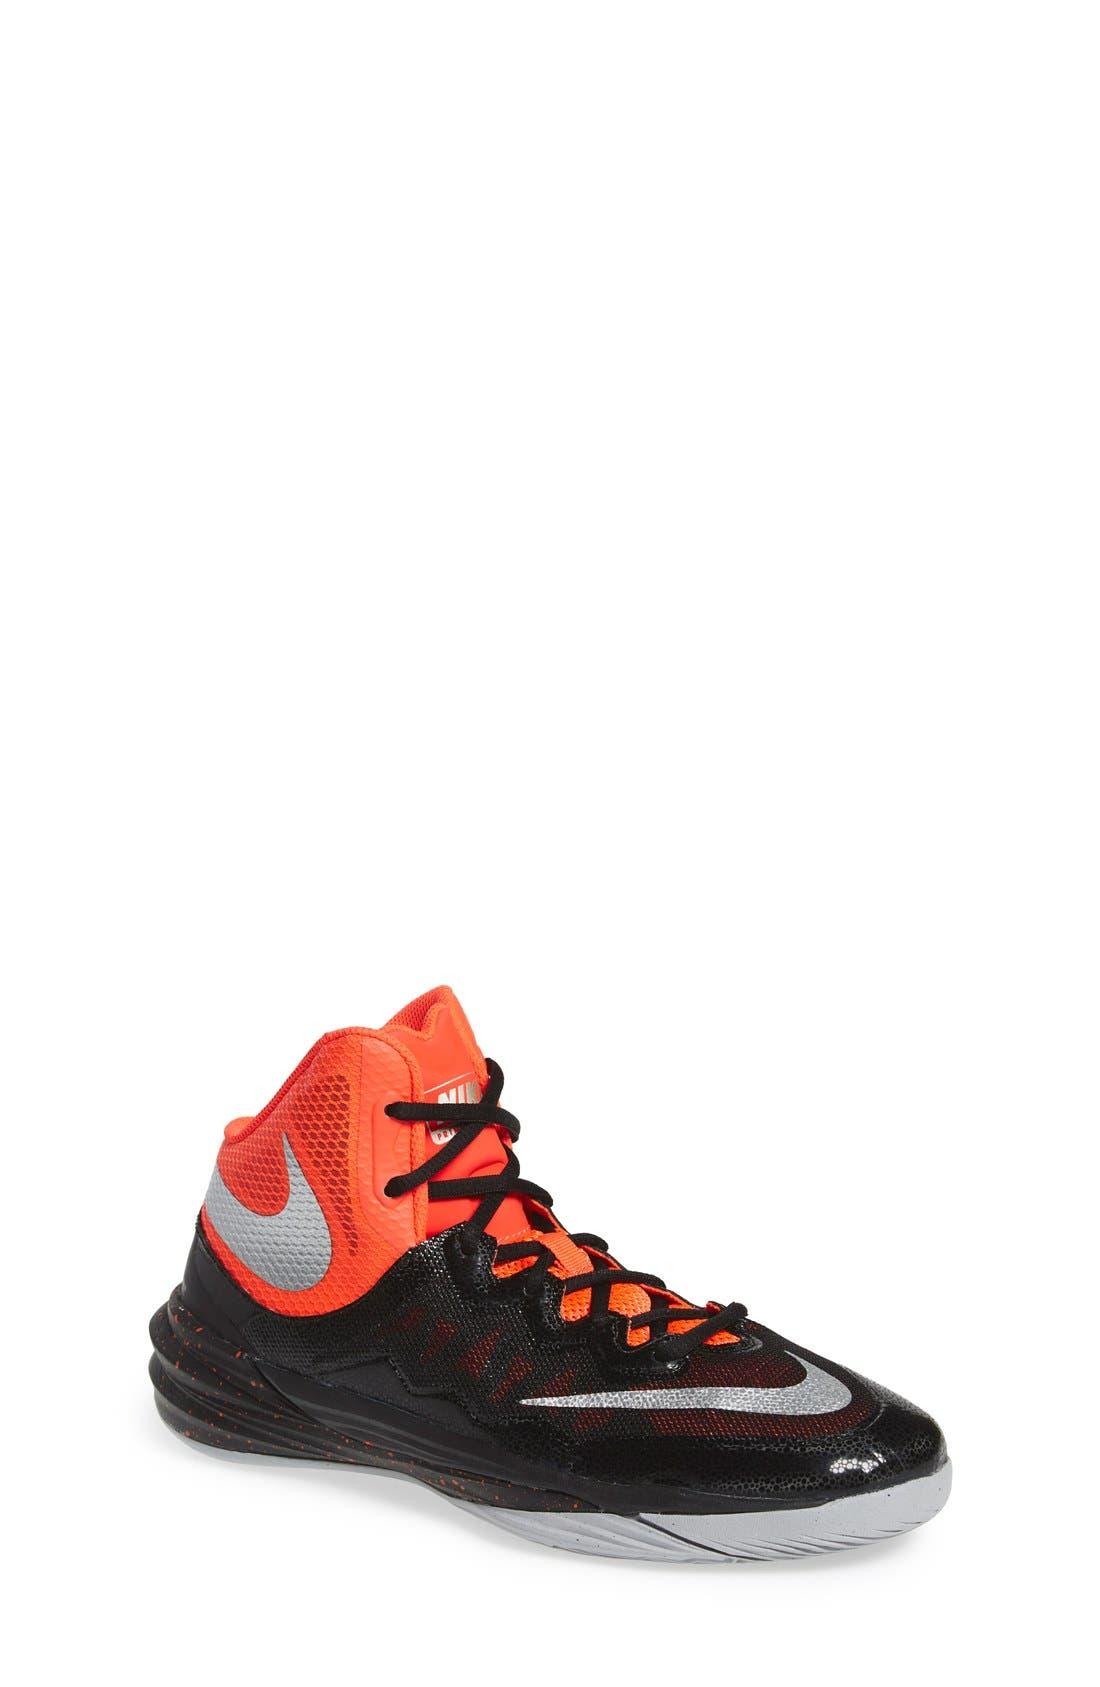 'Prime Hype DF II' Basketball Shoe,                             Main thumbnail 1, color,                             006